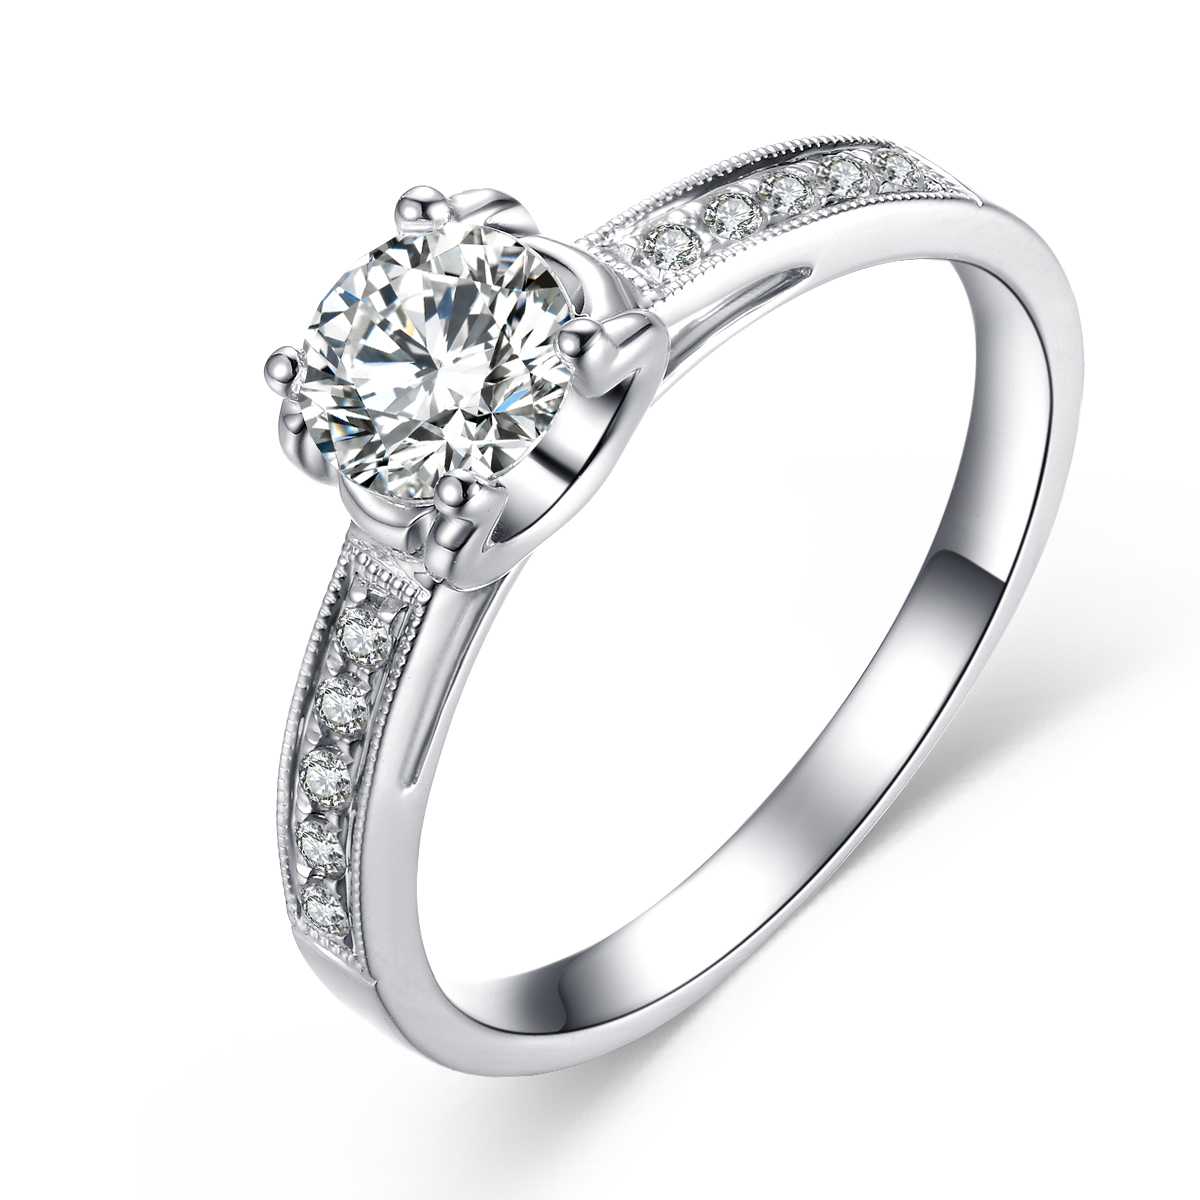 男生给女生送戒指代表什么含义